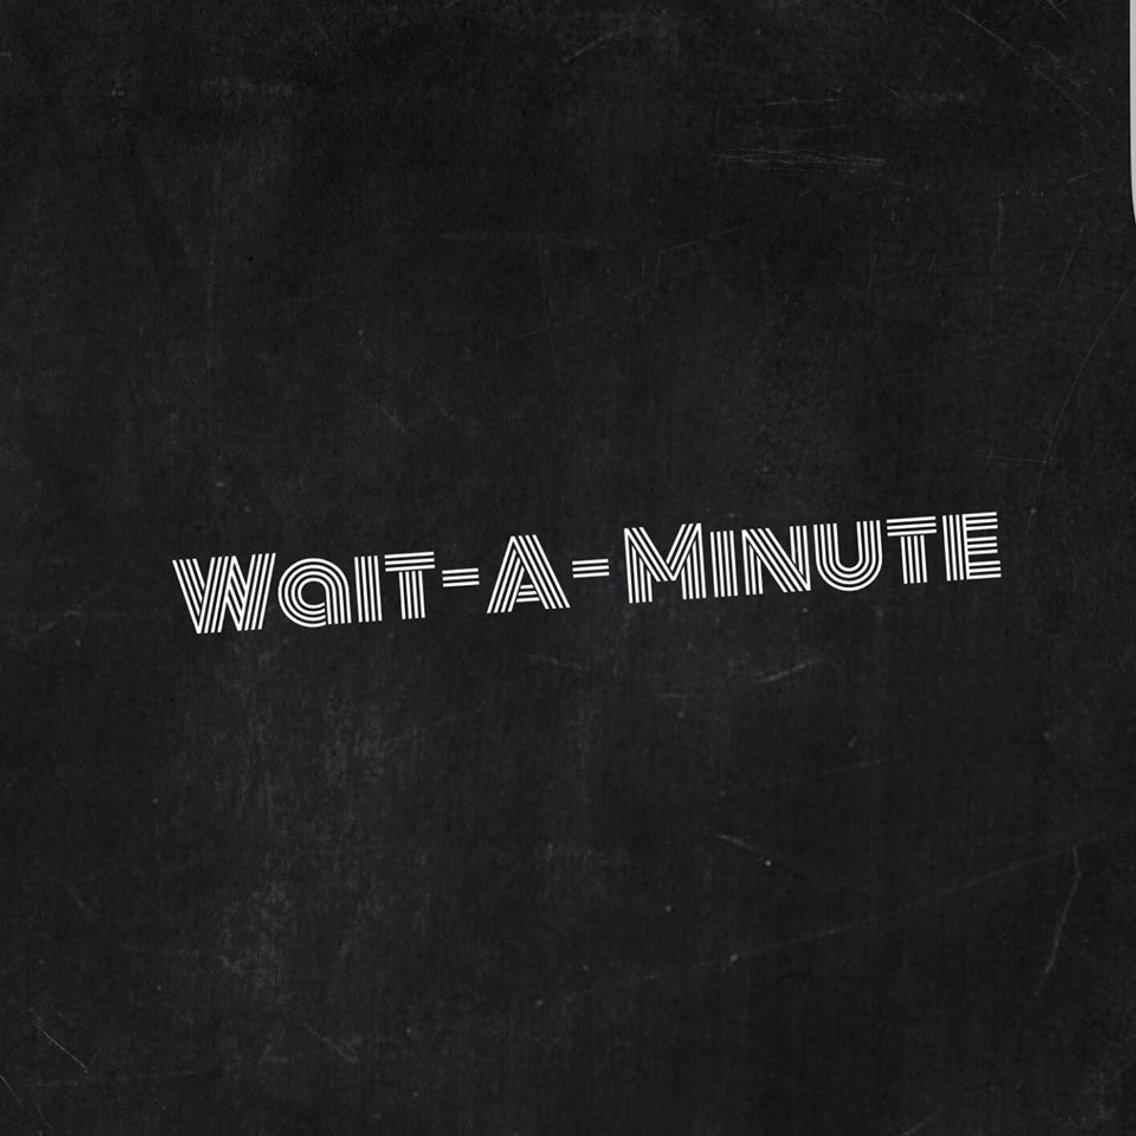 The Wait A Minute Show - immagine di copertina